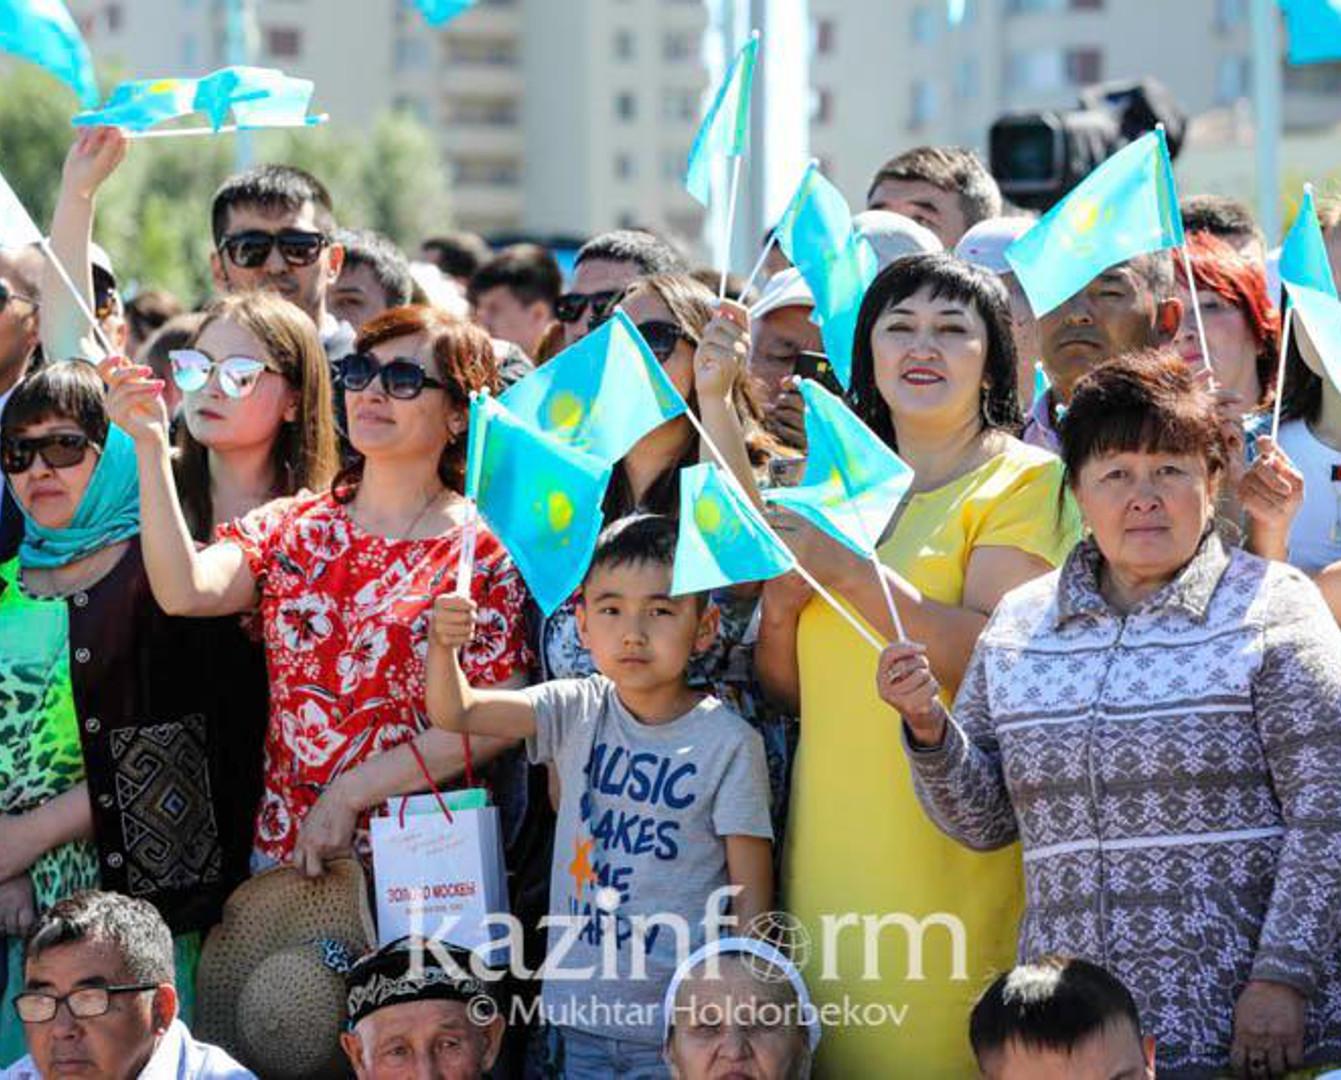 Президент Казахстана: Вопросы улучшения качества жизни населения никогда не сойдут с повестки дня